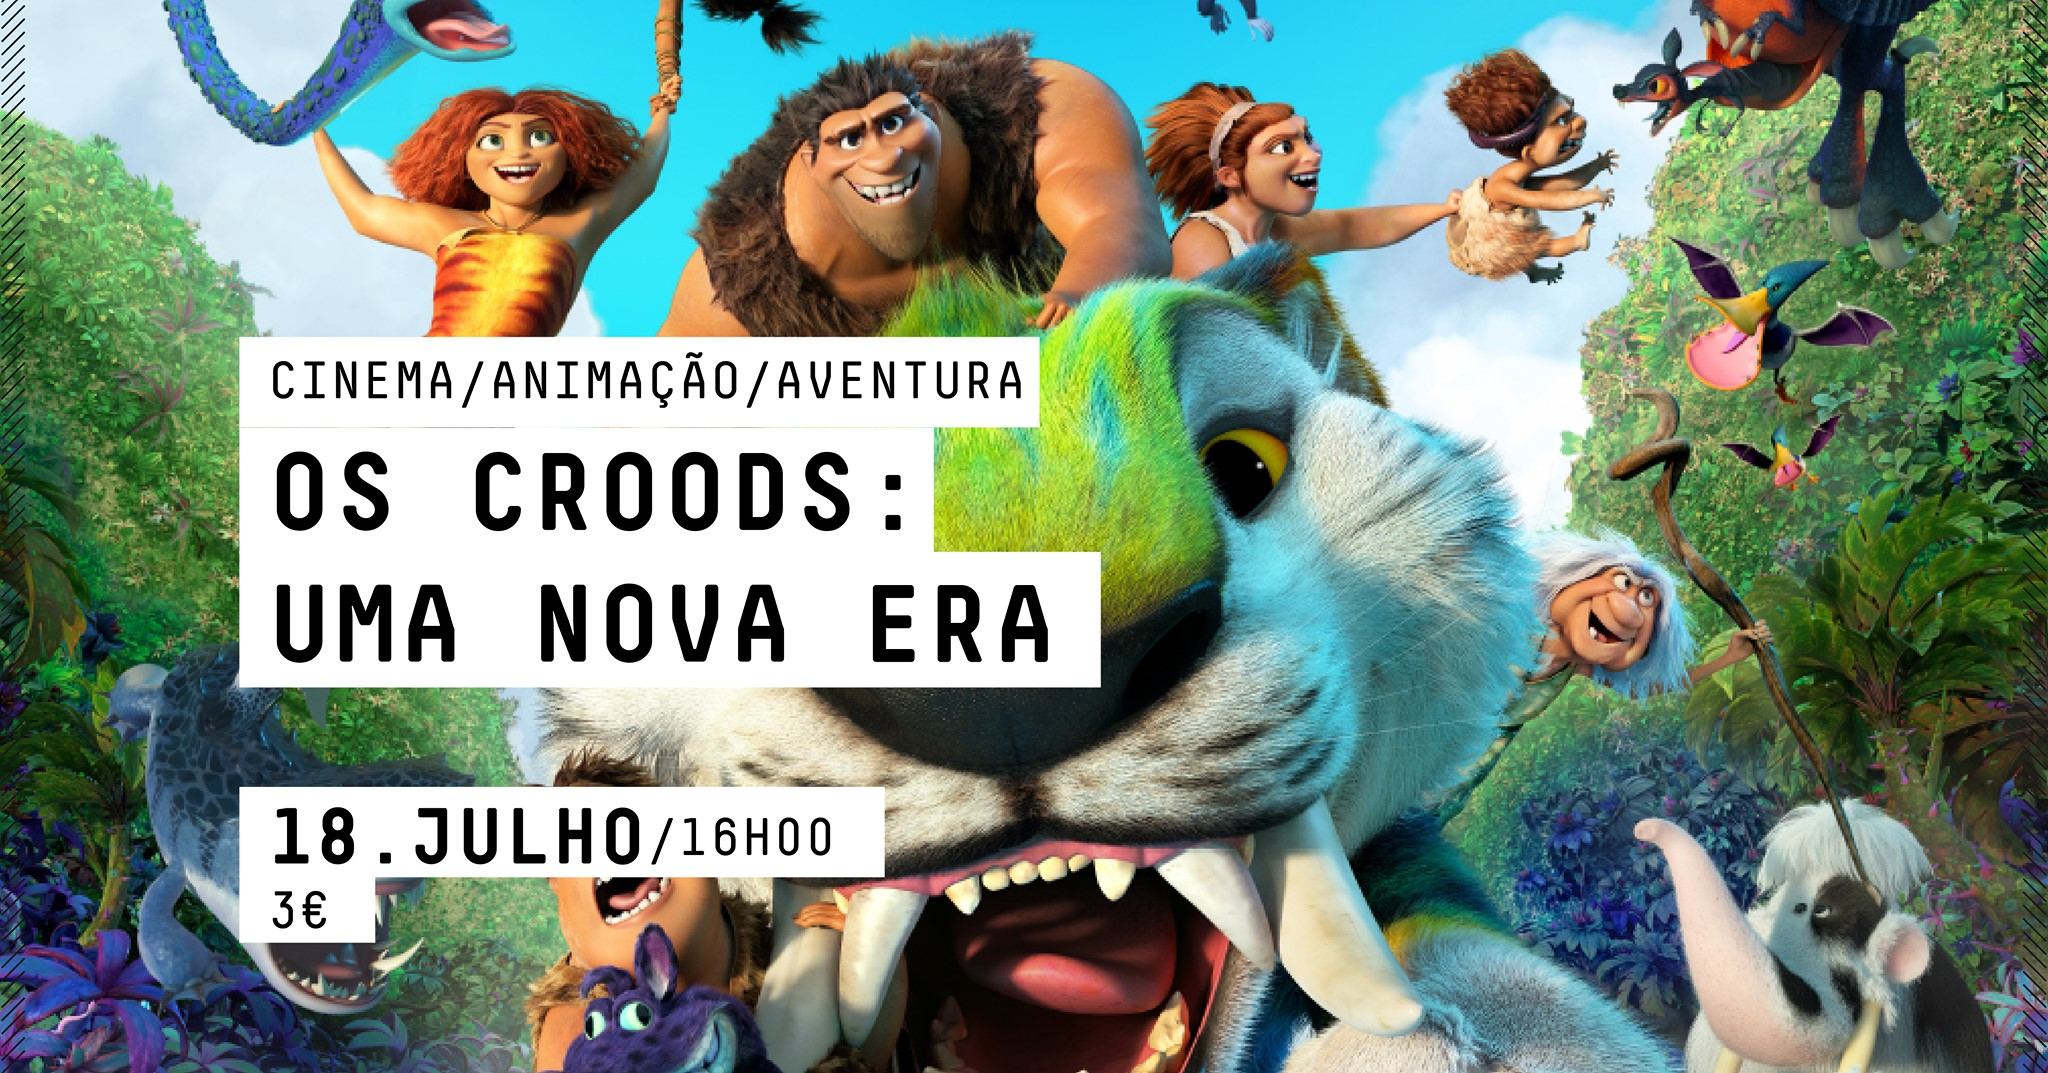 CINEMA  - OS CROODS: UMA NOVA ERA